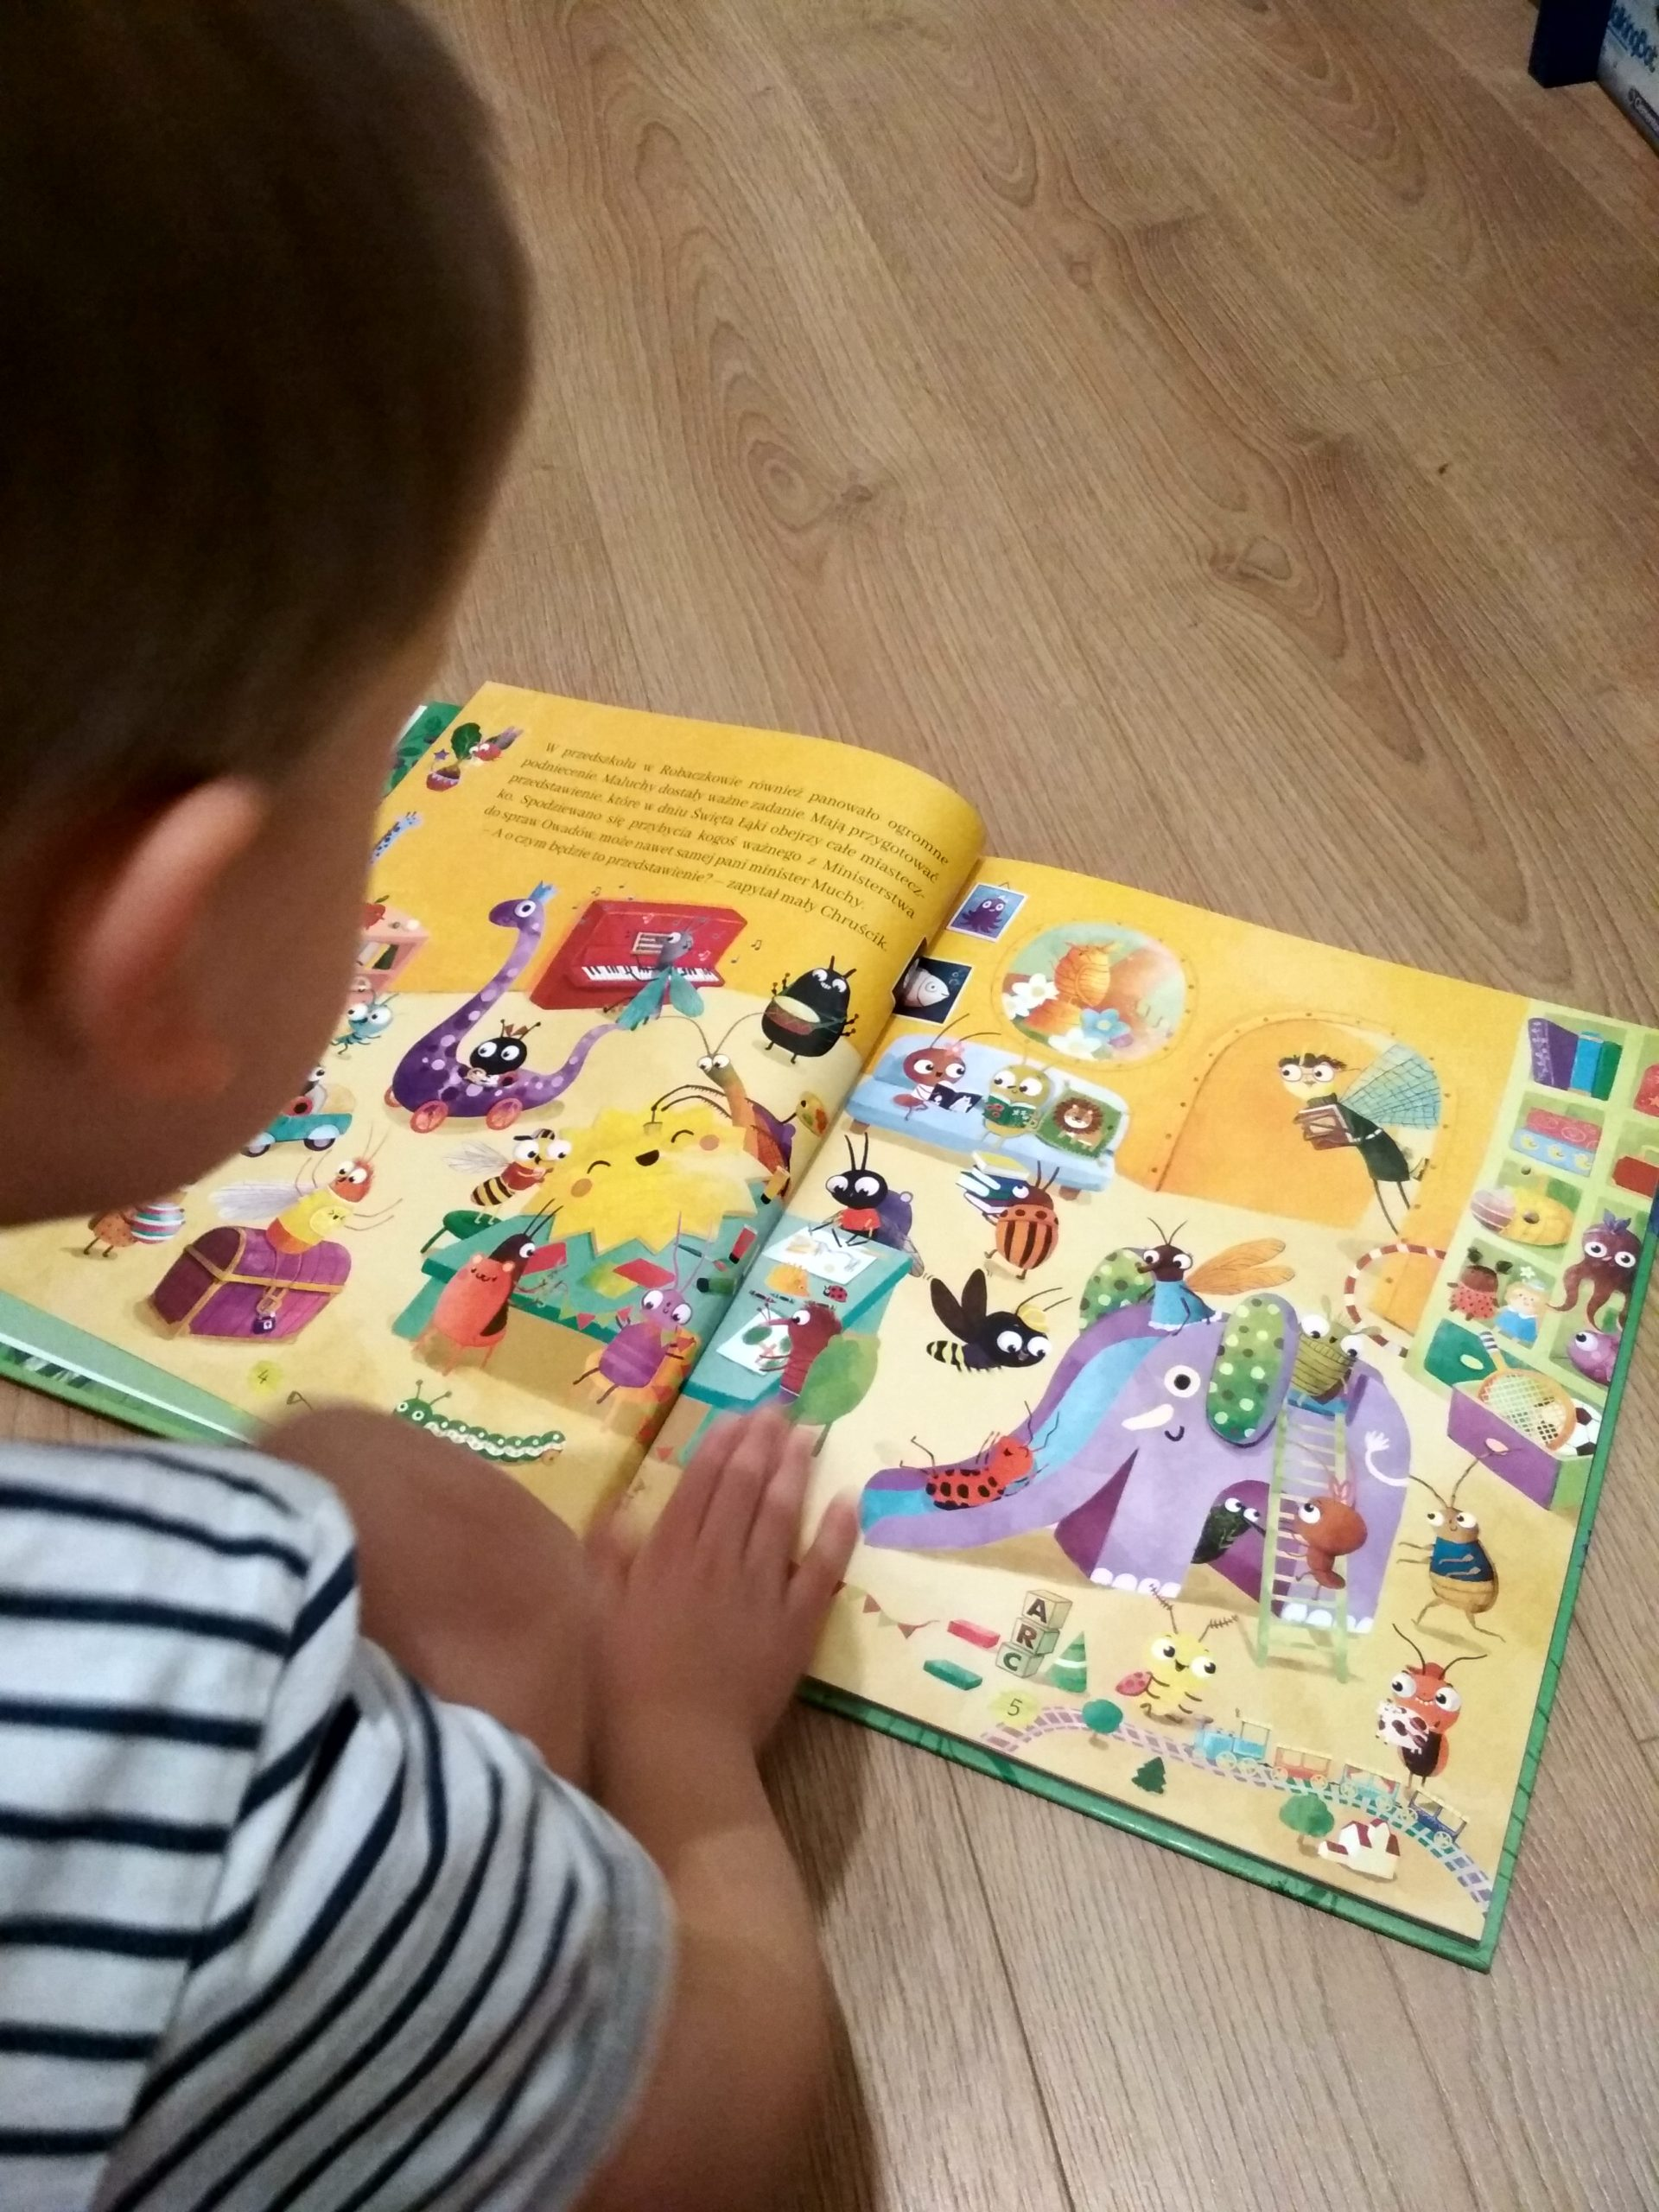 W Robaczkowie recenzja książki dla dzieci